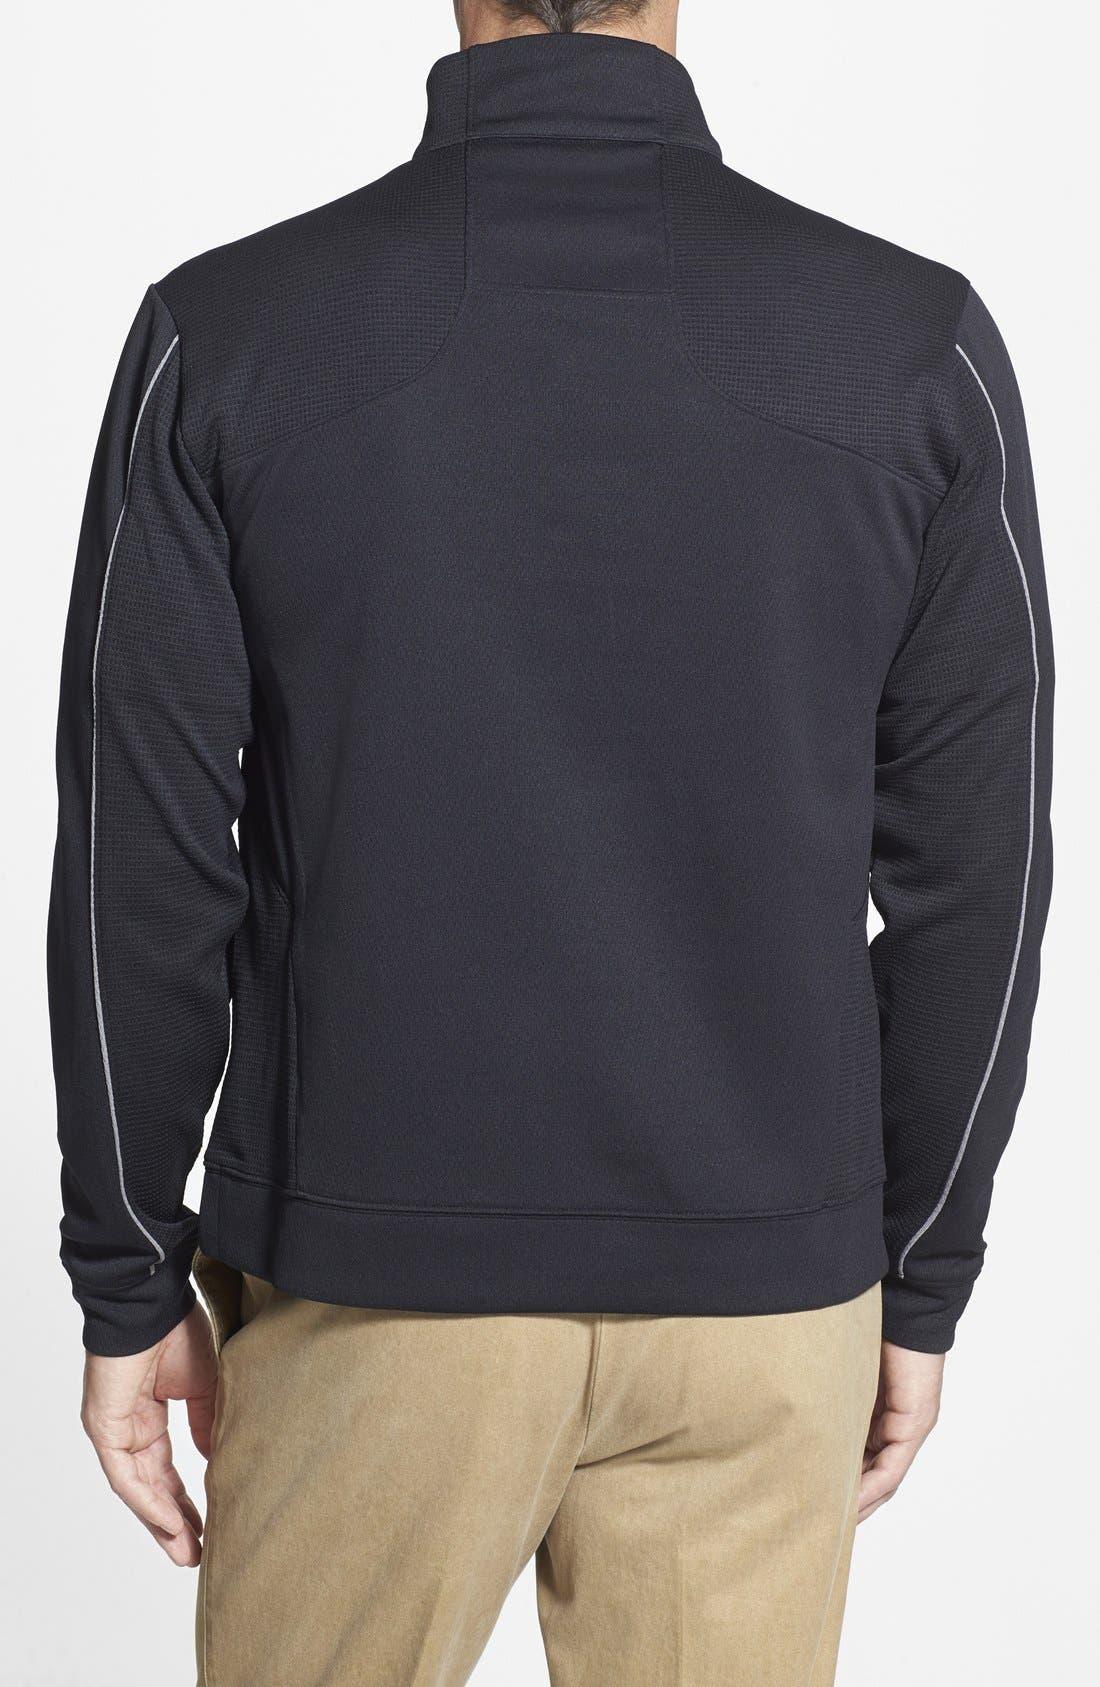 Detroit Lions - Edge DryTec Moisture Wicking Half Zip Pullover,                             Alternate thumbnail 2, color,                             Black